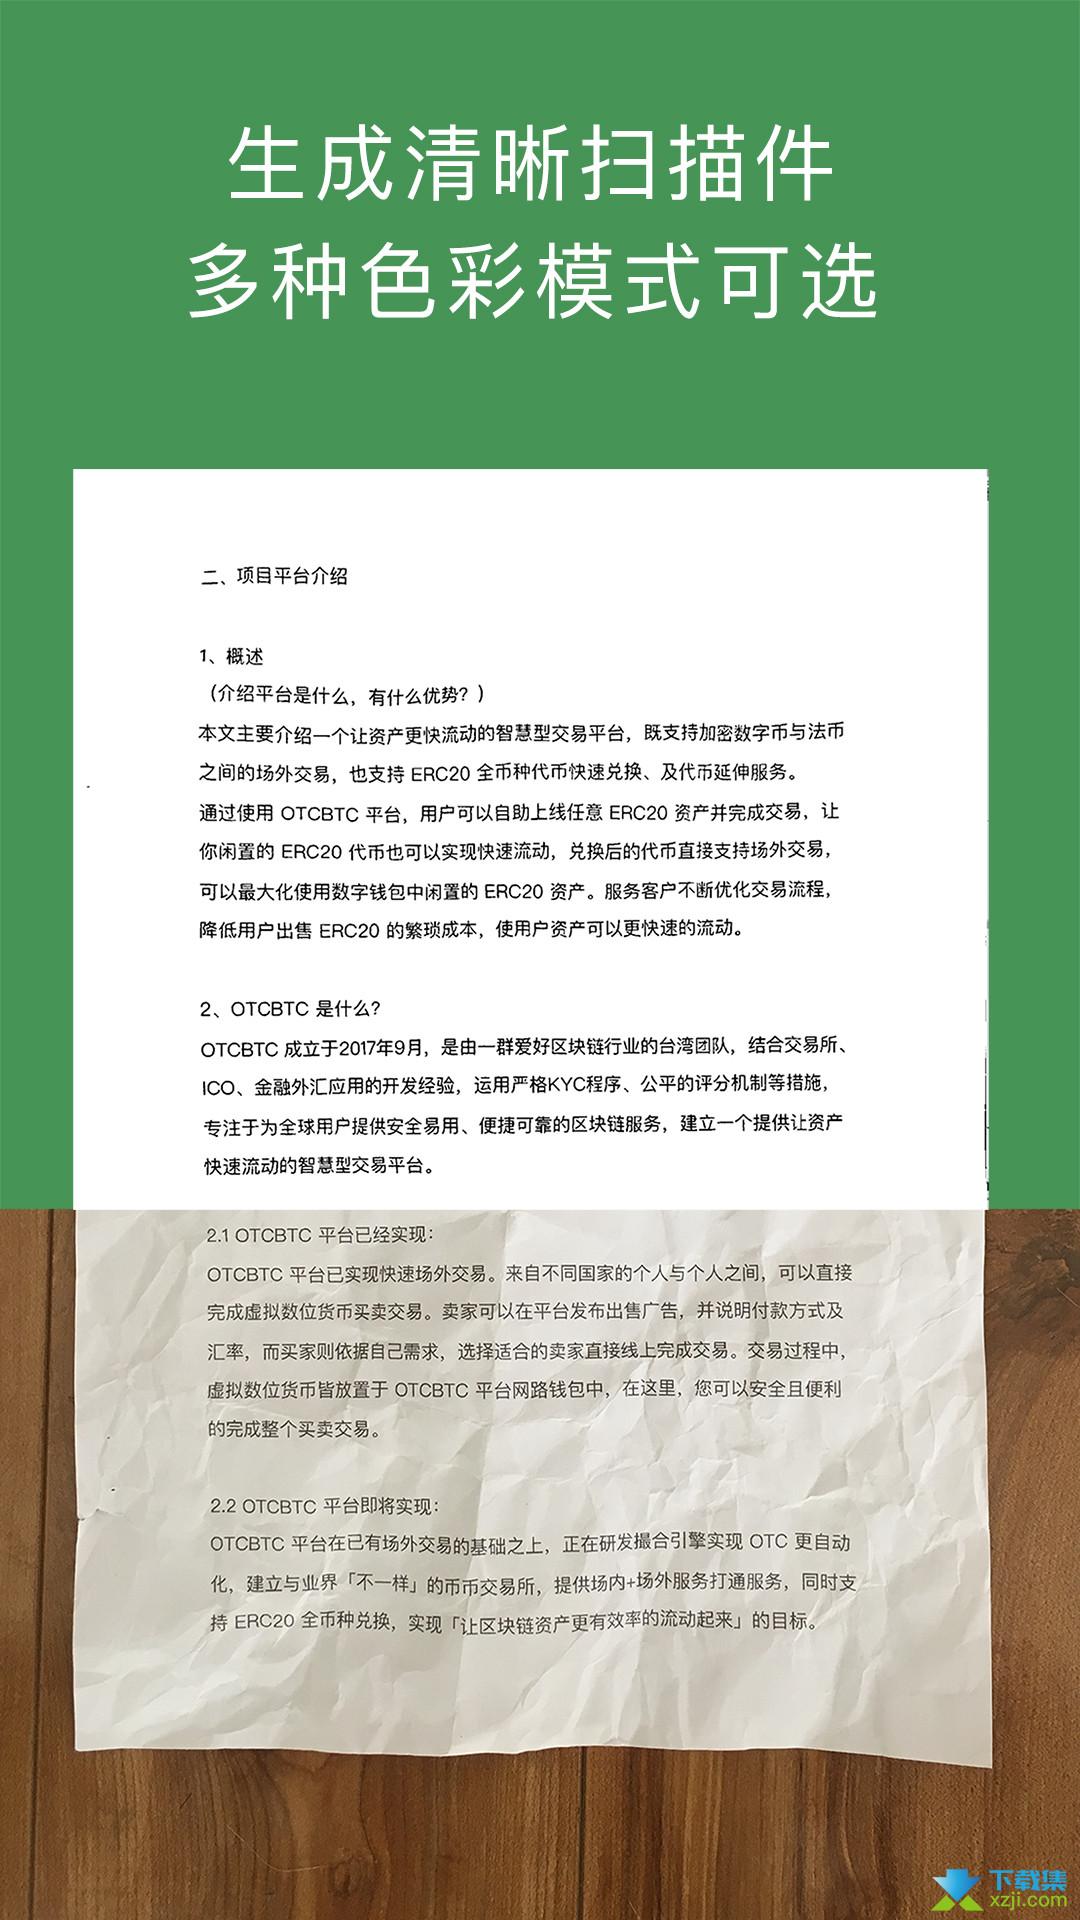 白描界面4